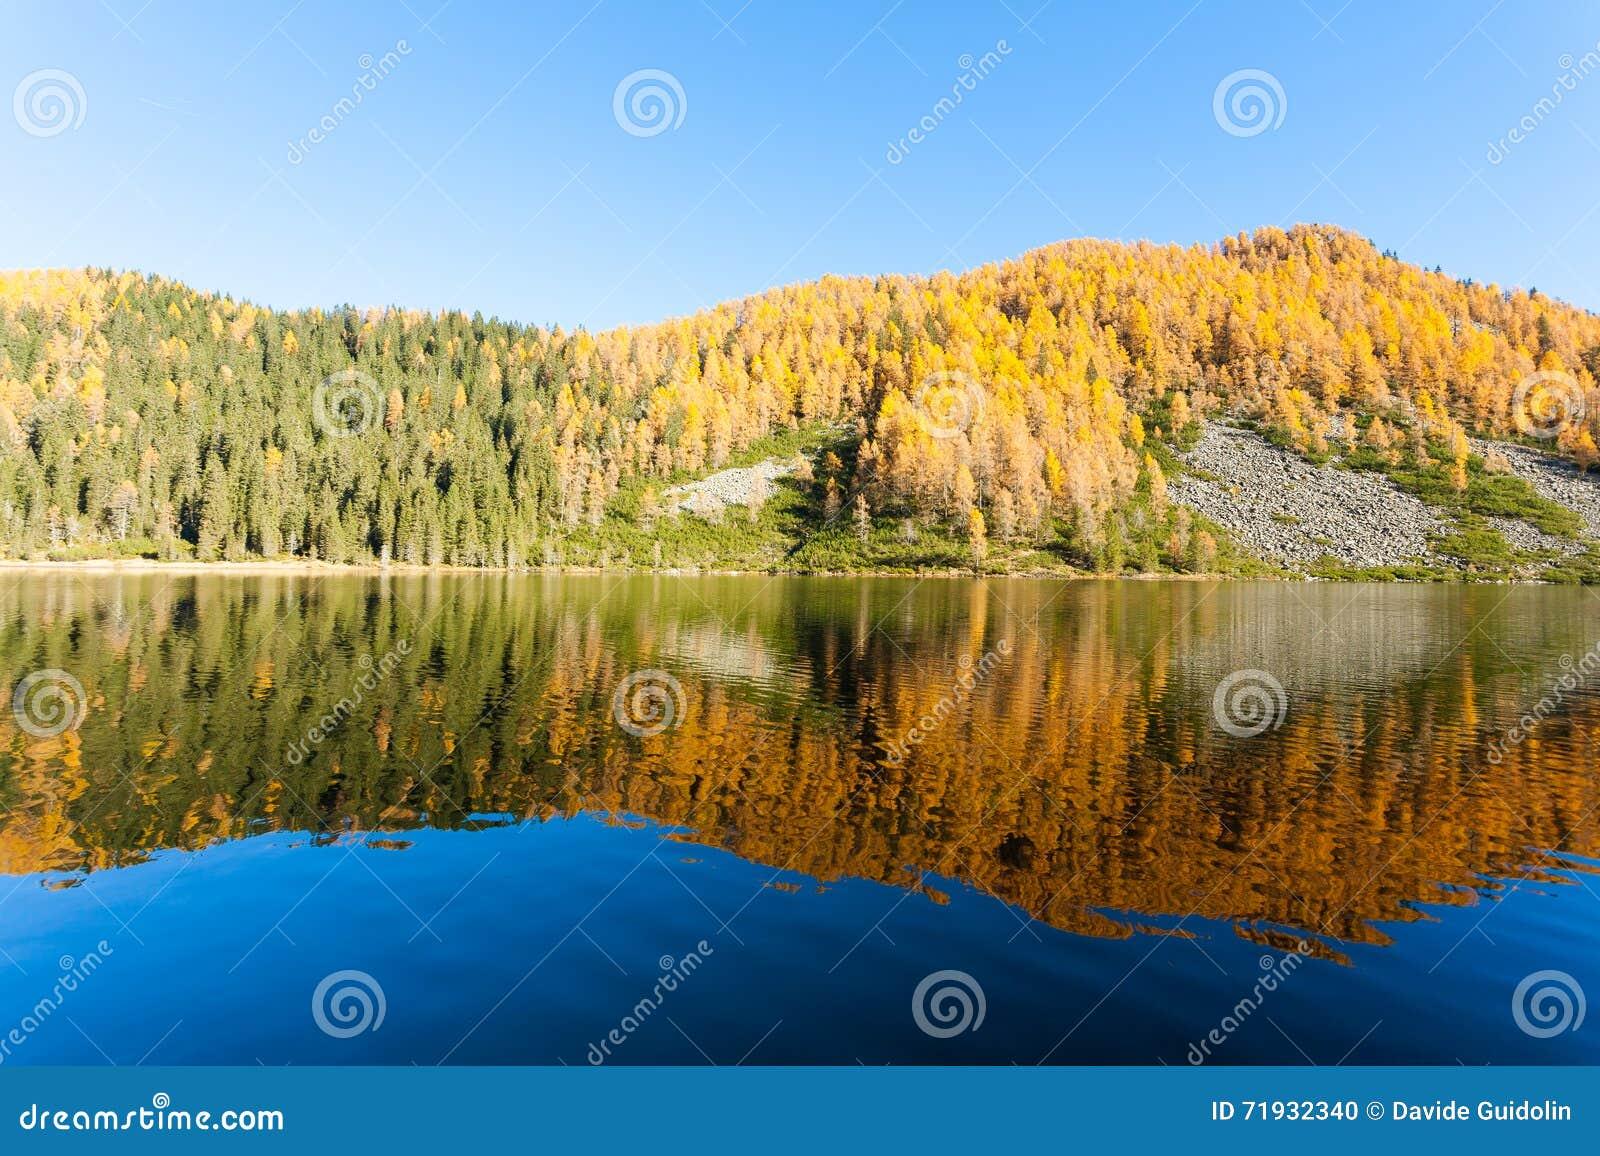 Отражения на воде, панорама осени от озера горы